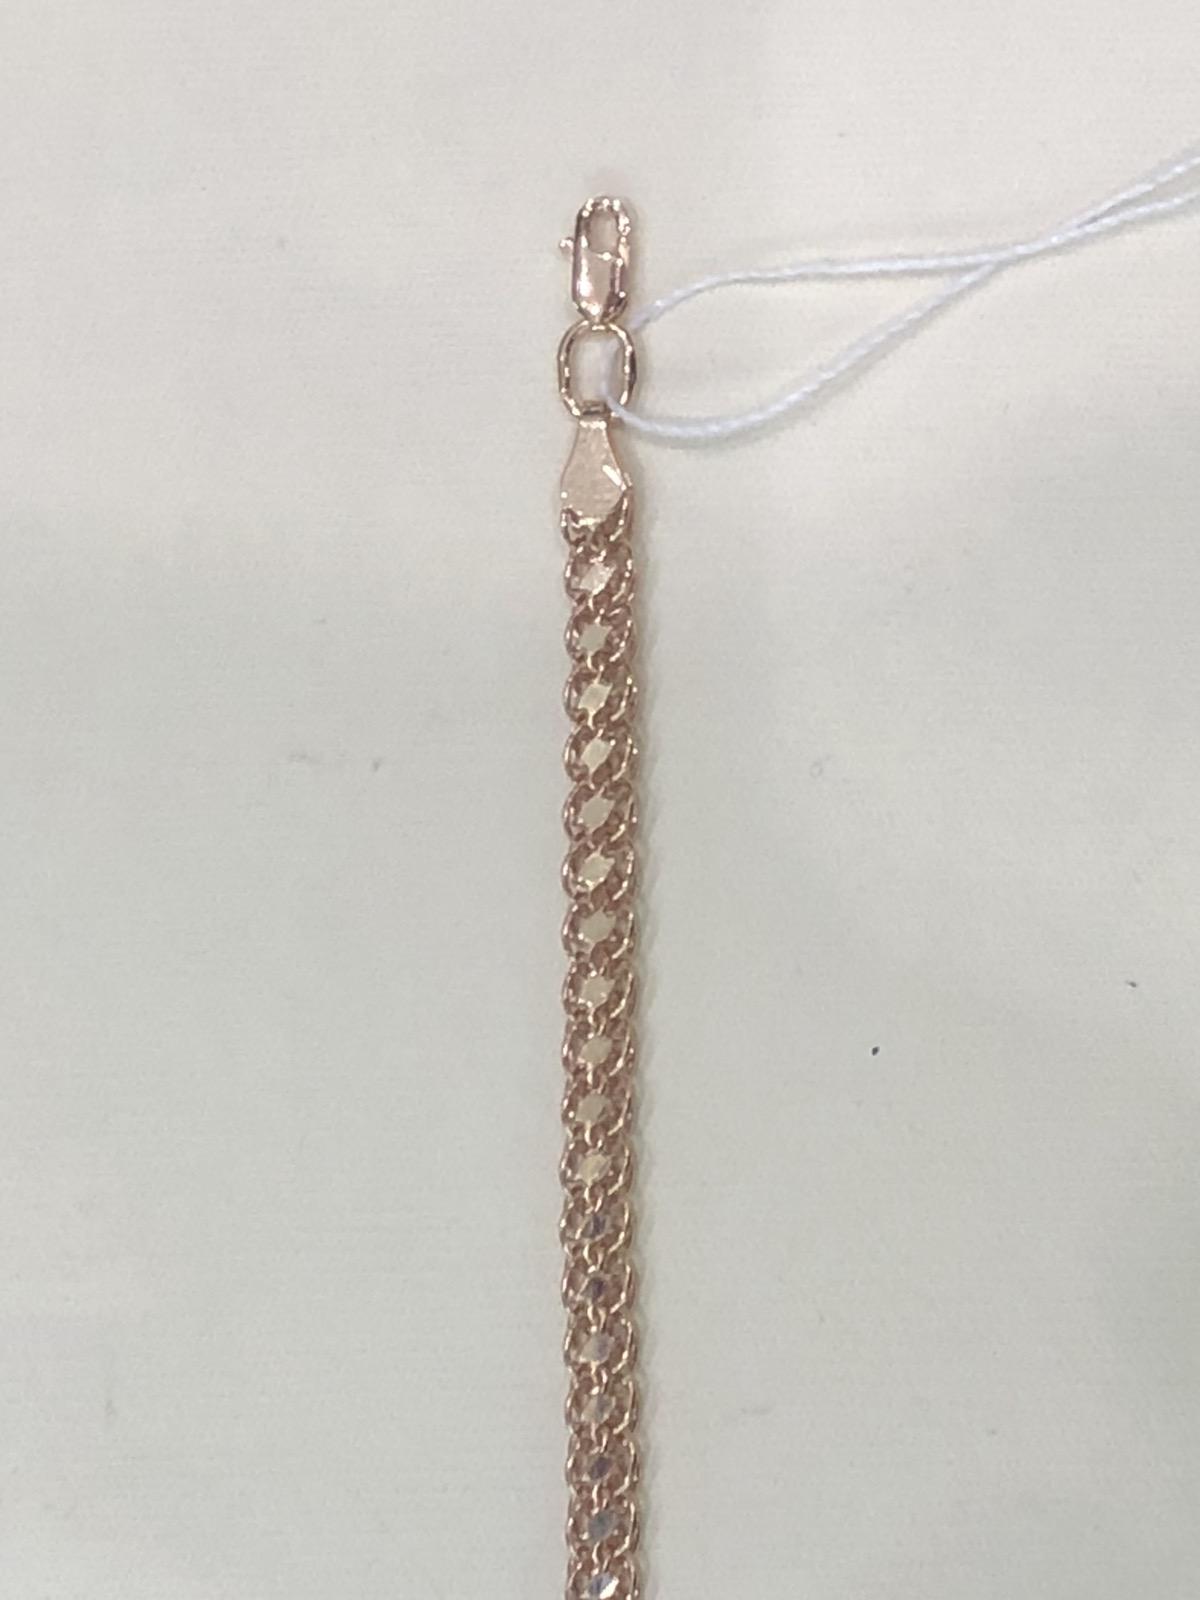 Облегченная цепь из золота арт. кайзер ц040 кайзер ц040